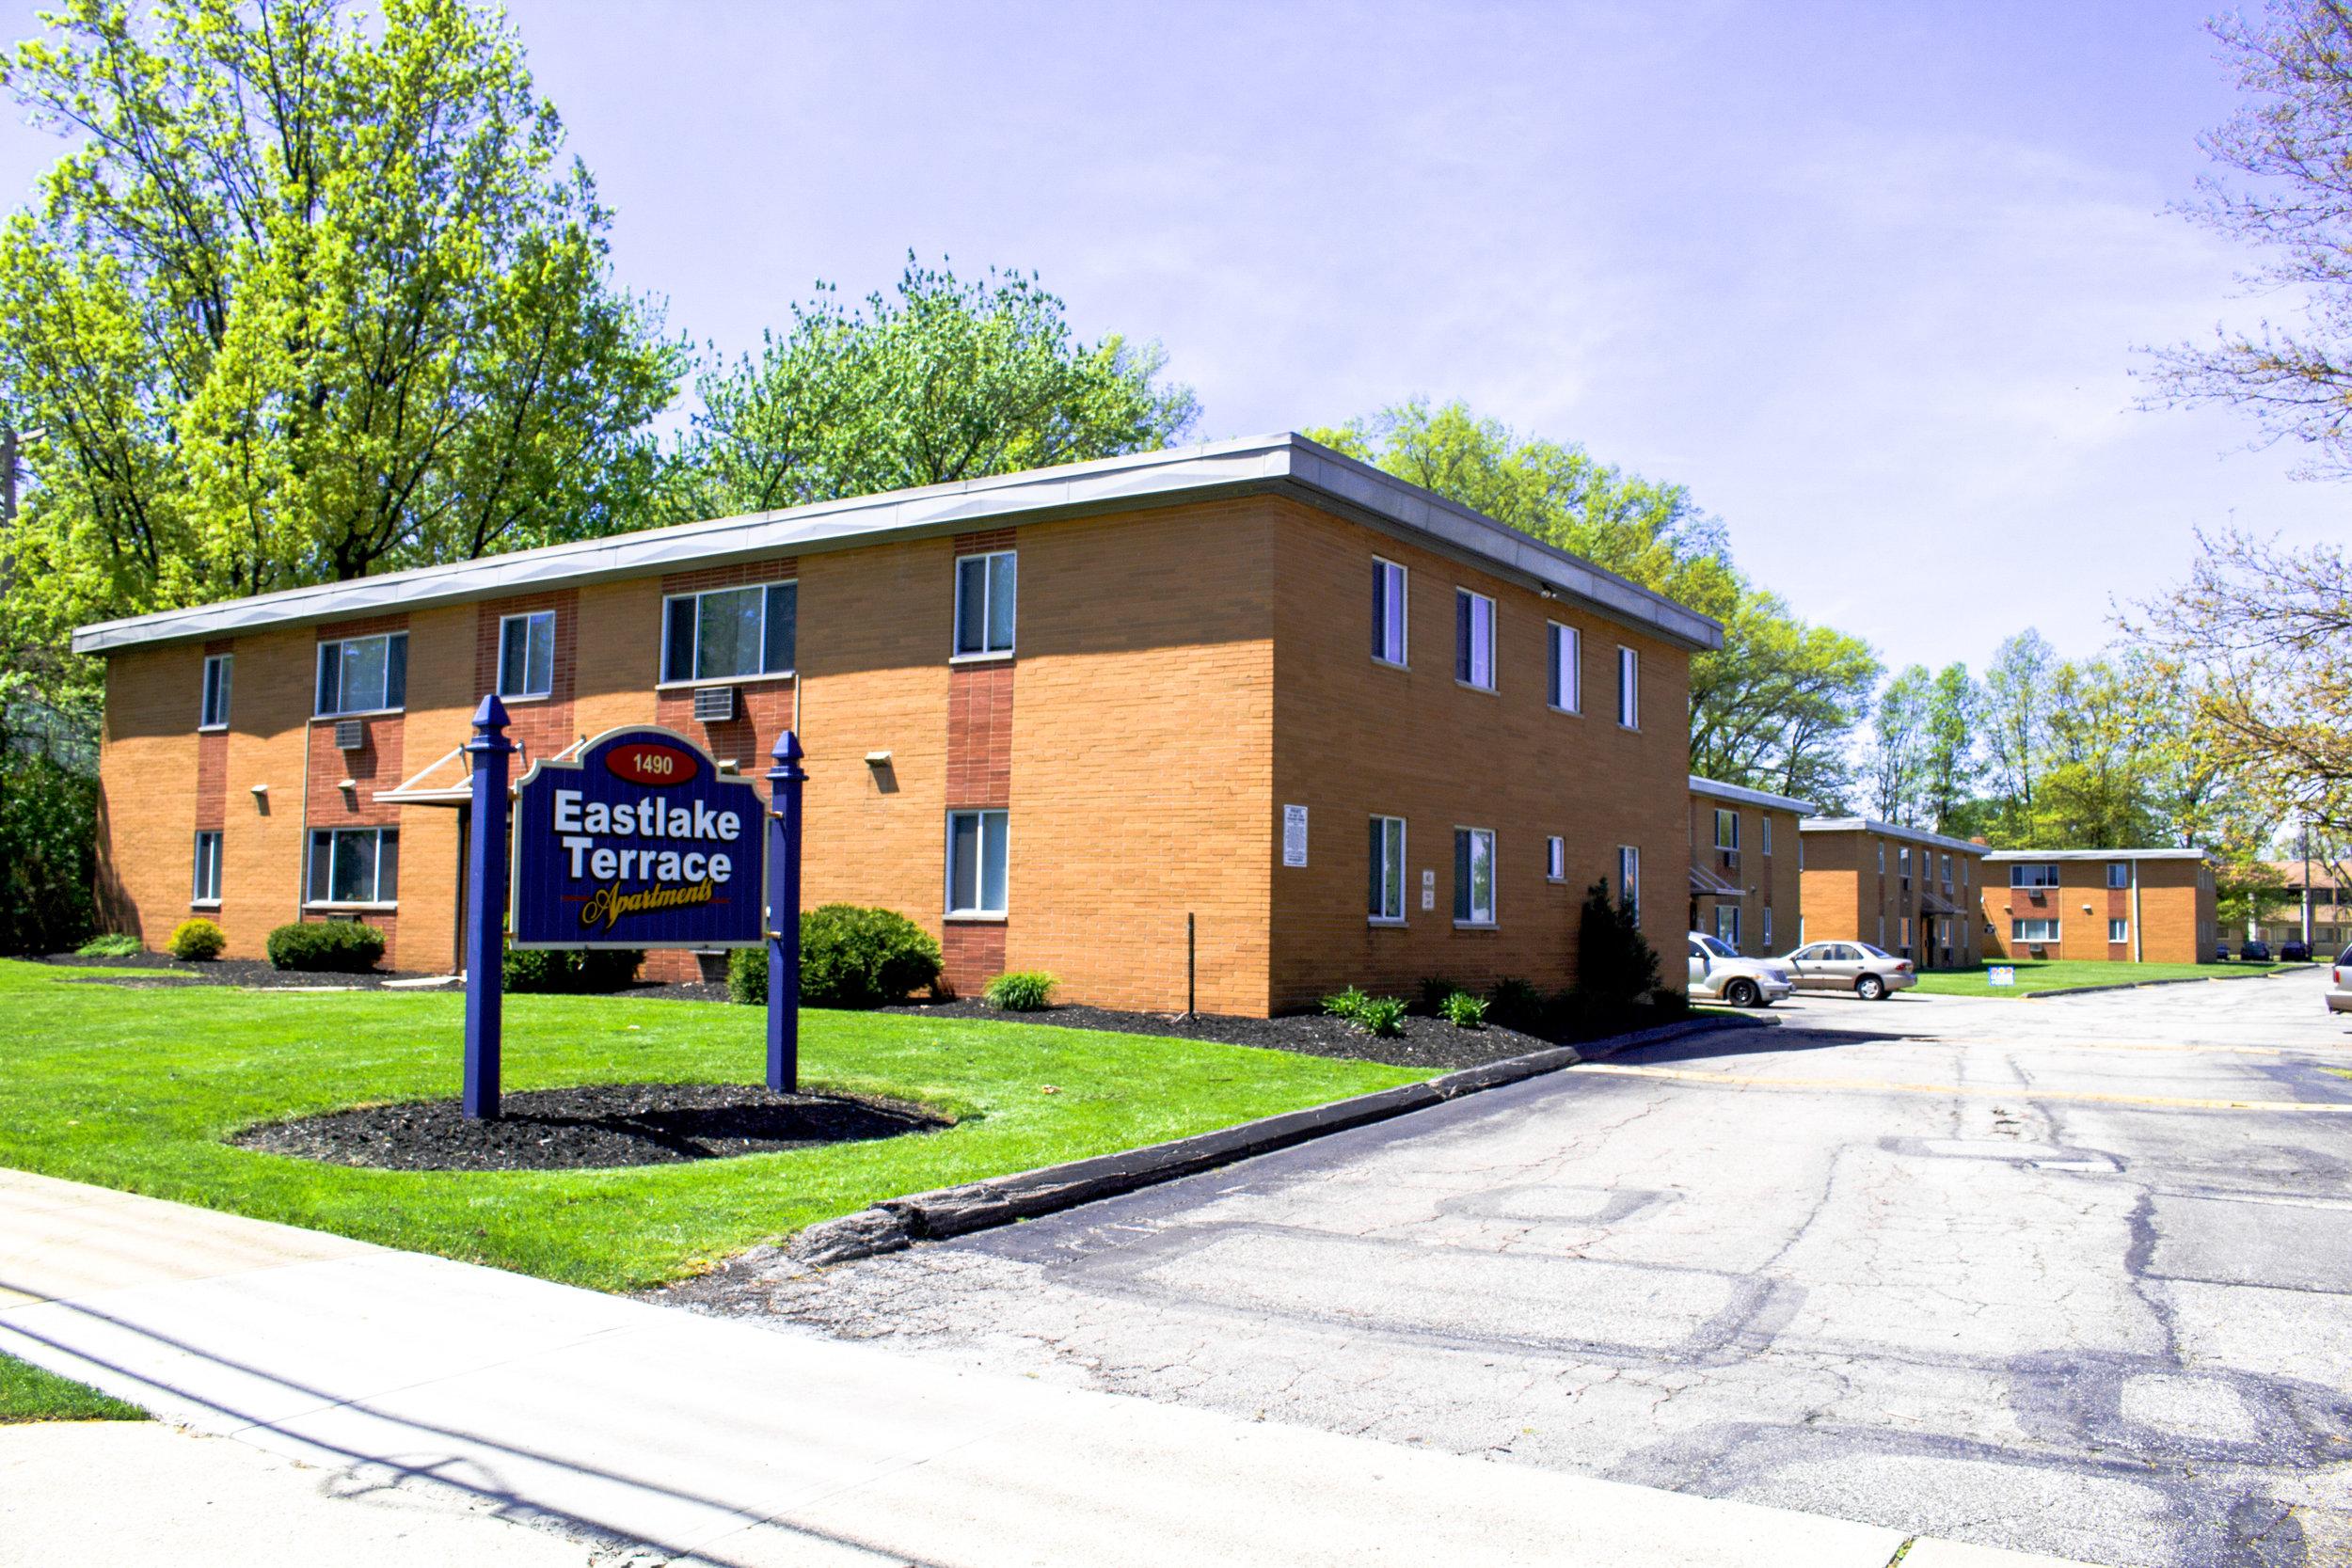 Eastlake Terrace Apartments - Eastlake, Ohio